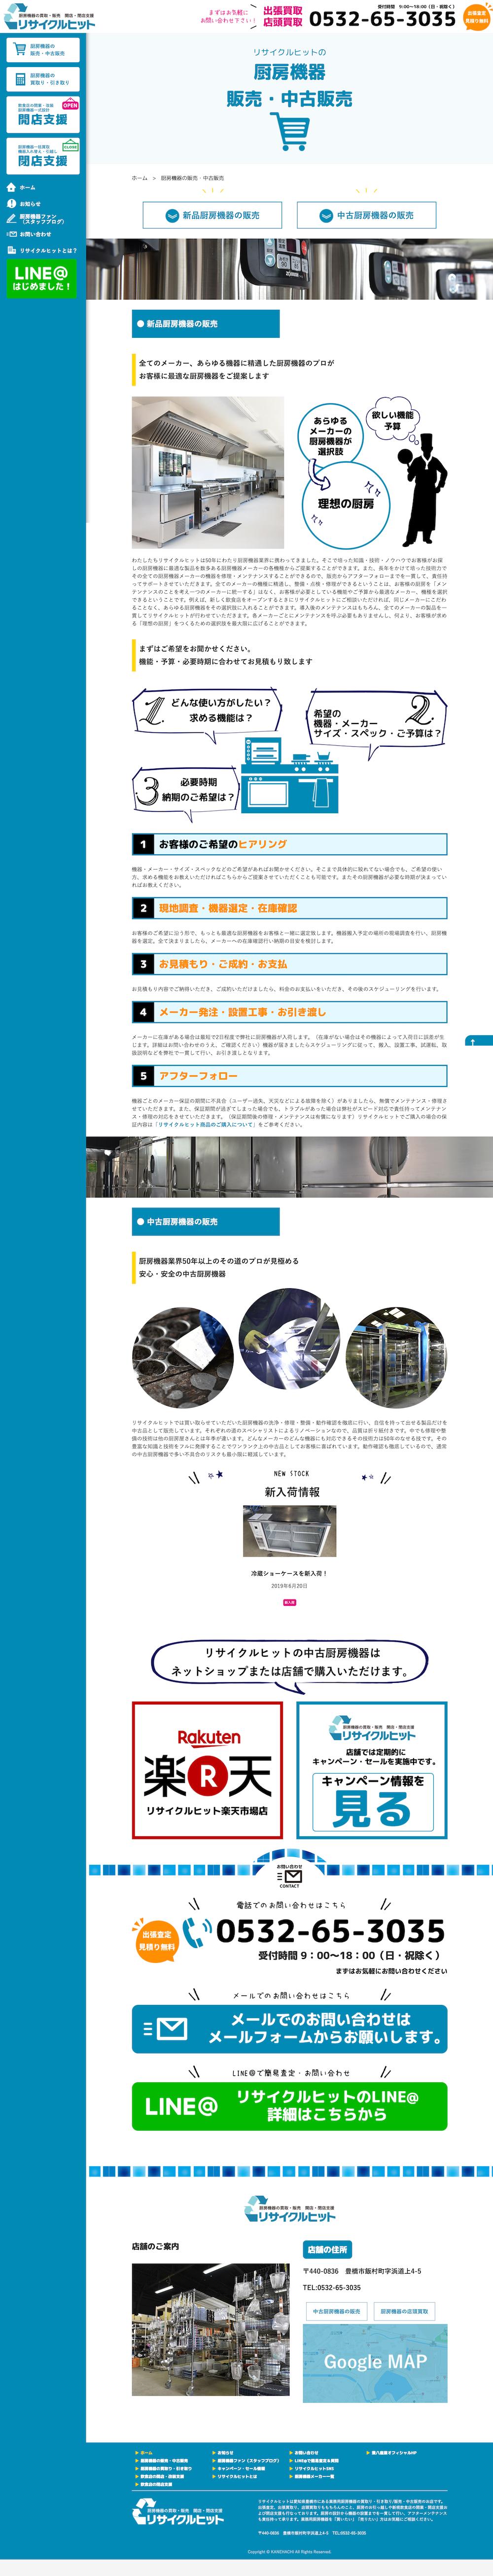 ホームページ制作実績02